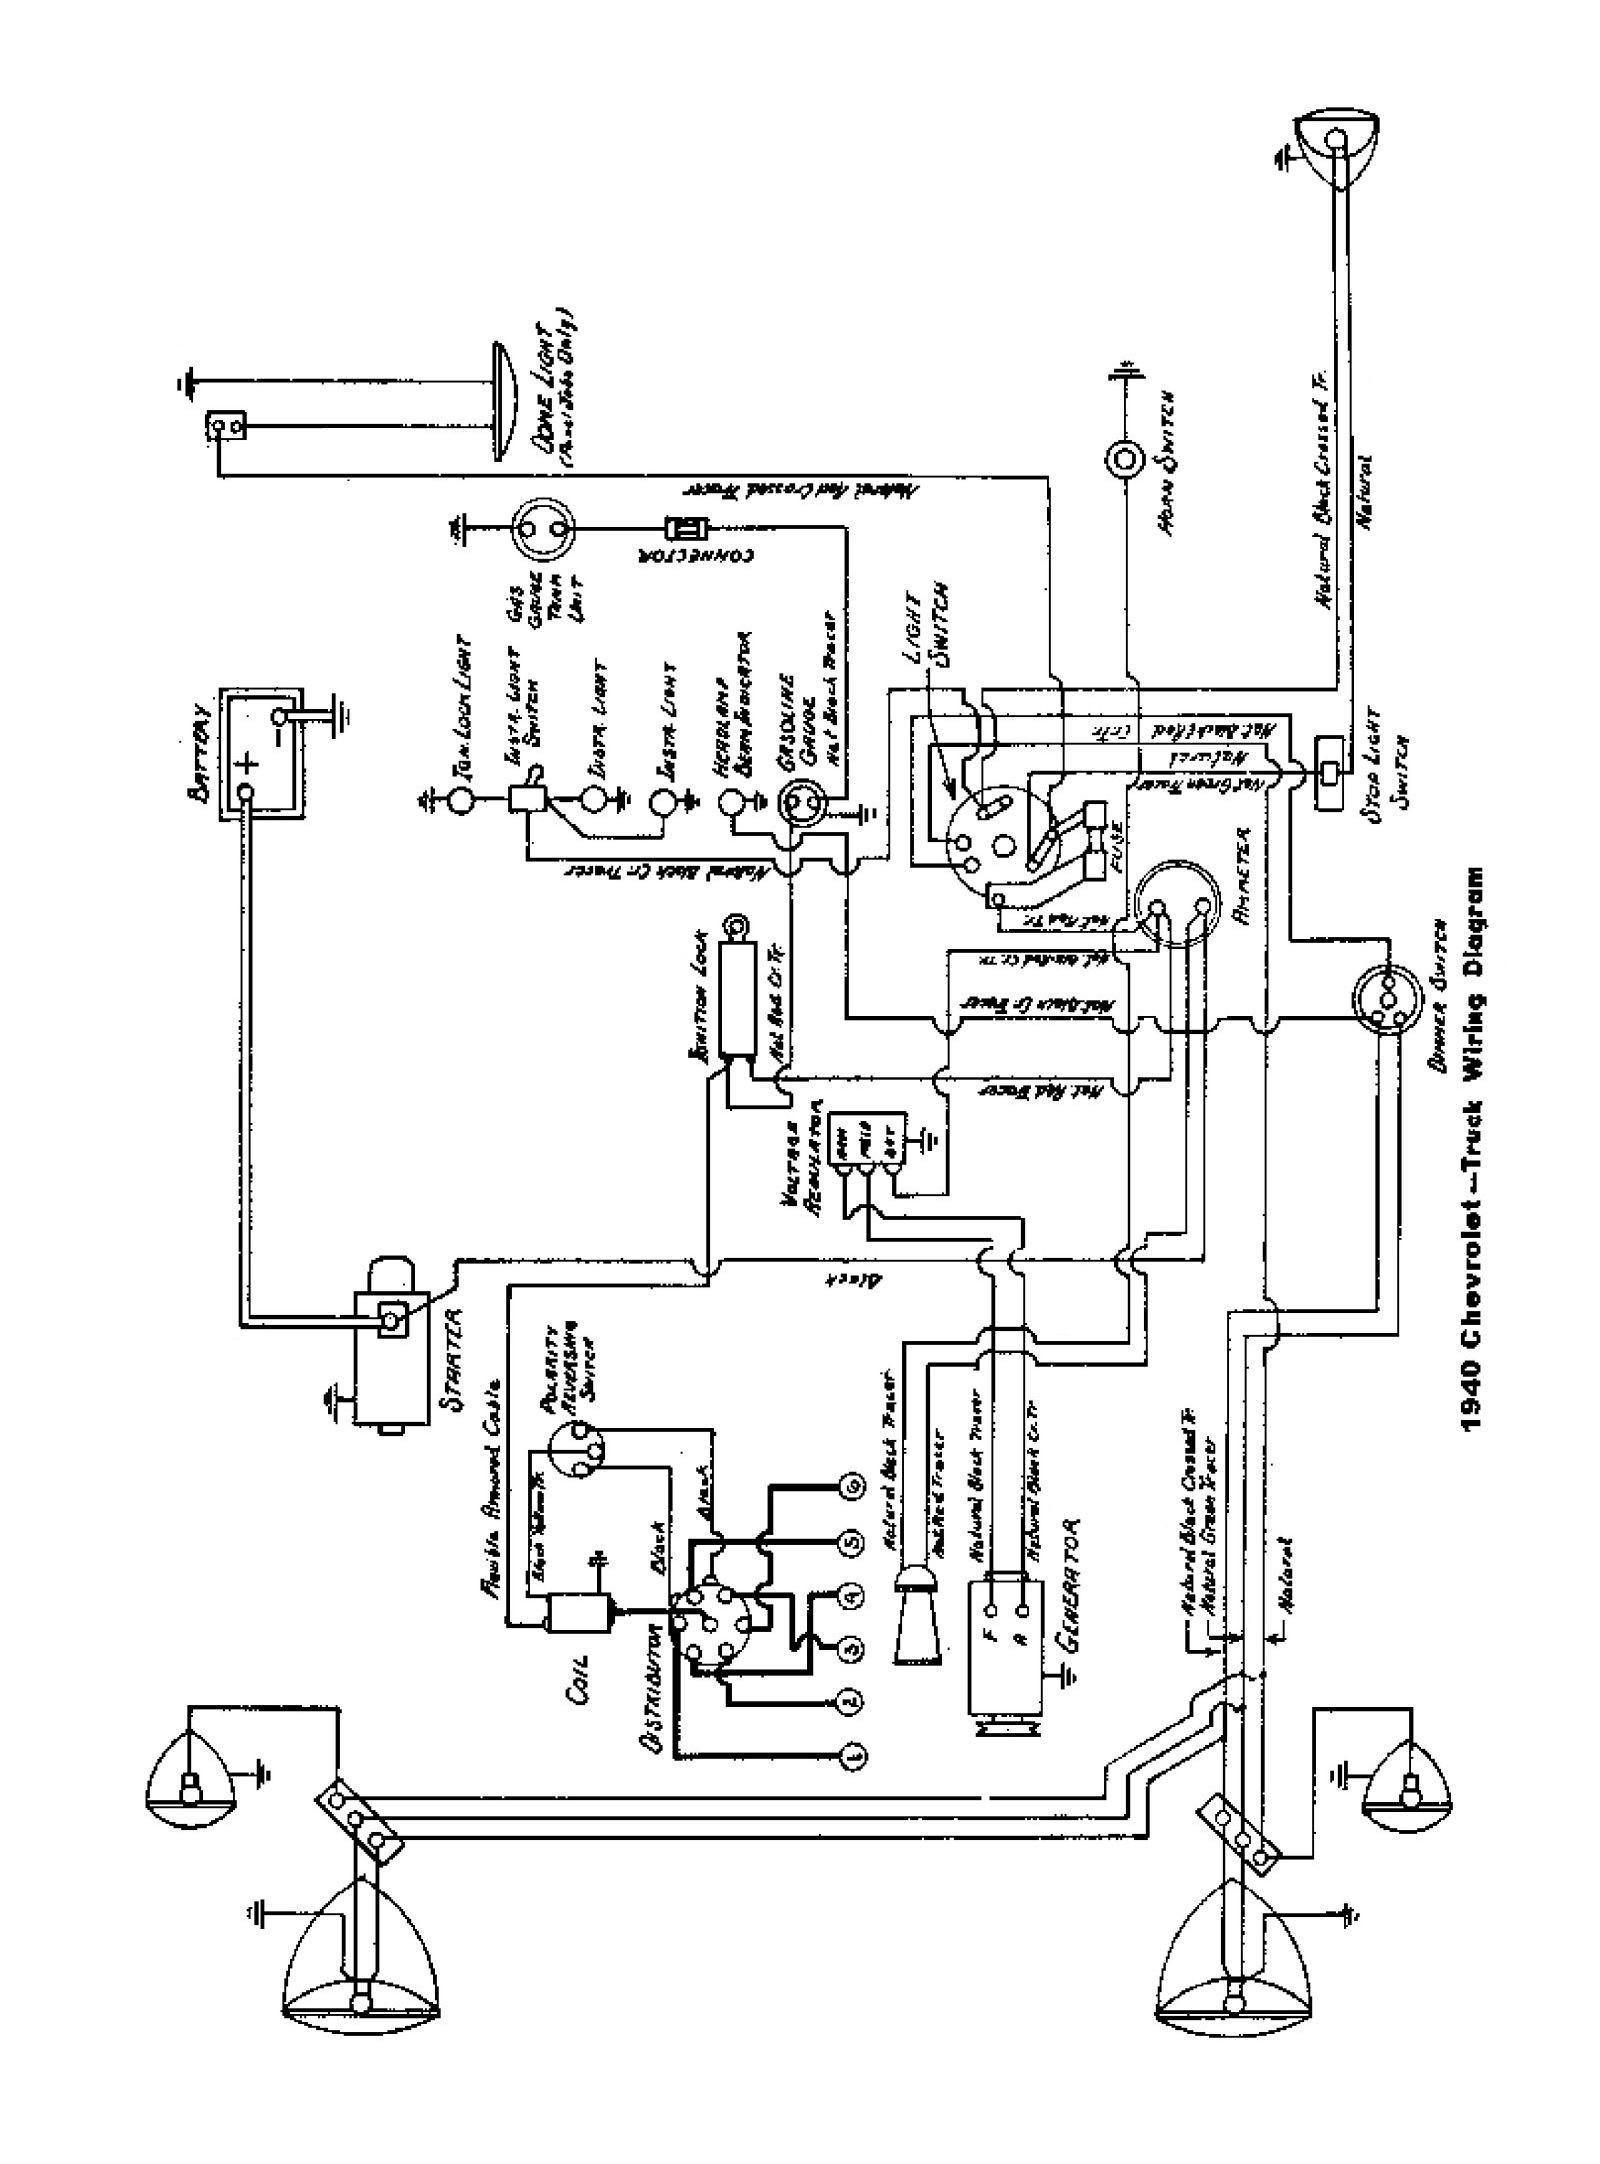 Chevy Truck Wiring Diagram 1993 Silverado Diagrams Of